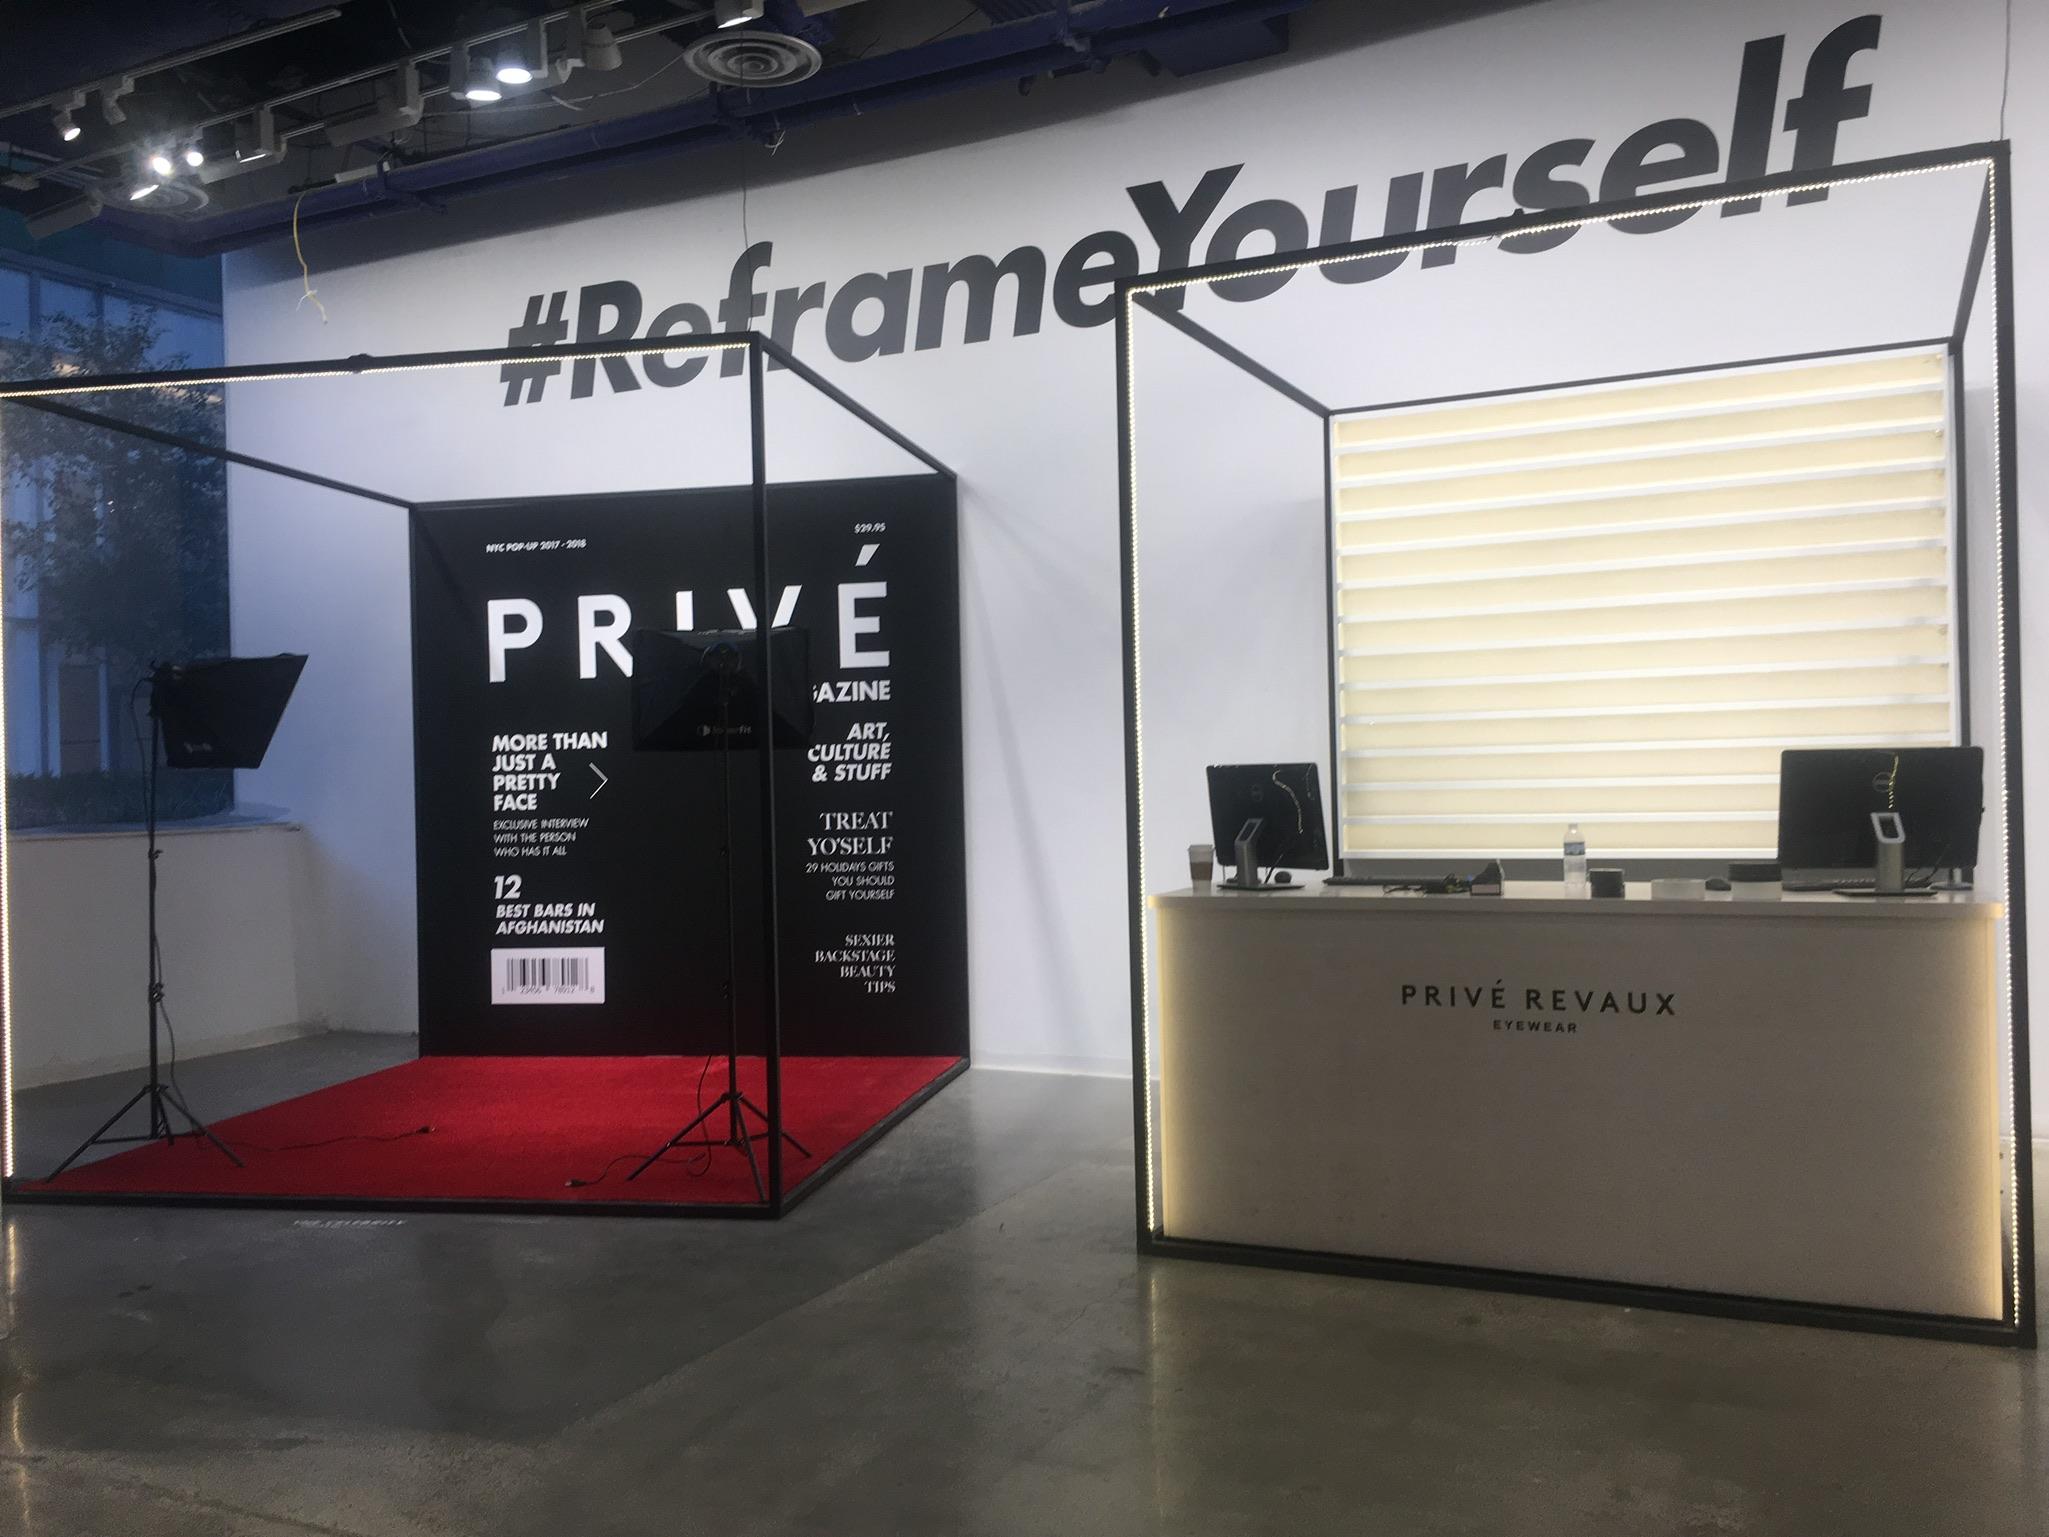 Preview Events - Prive Revaux - eyewear displays.jpg